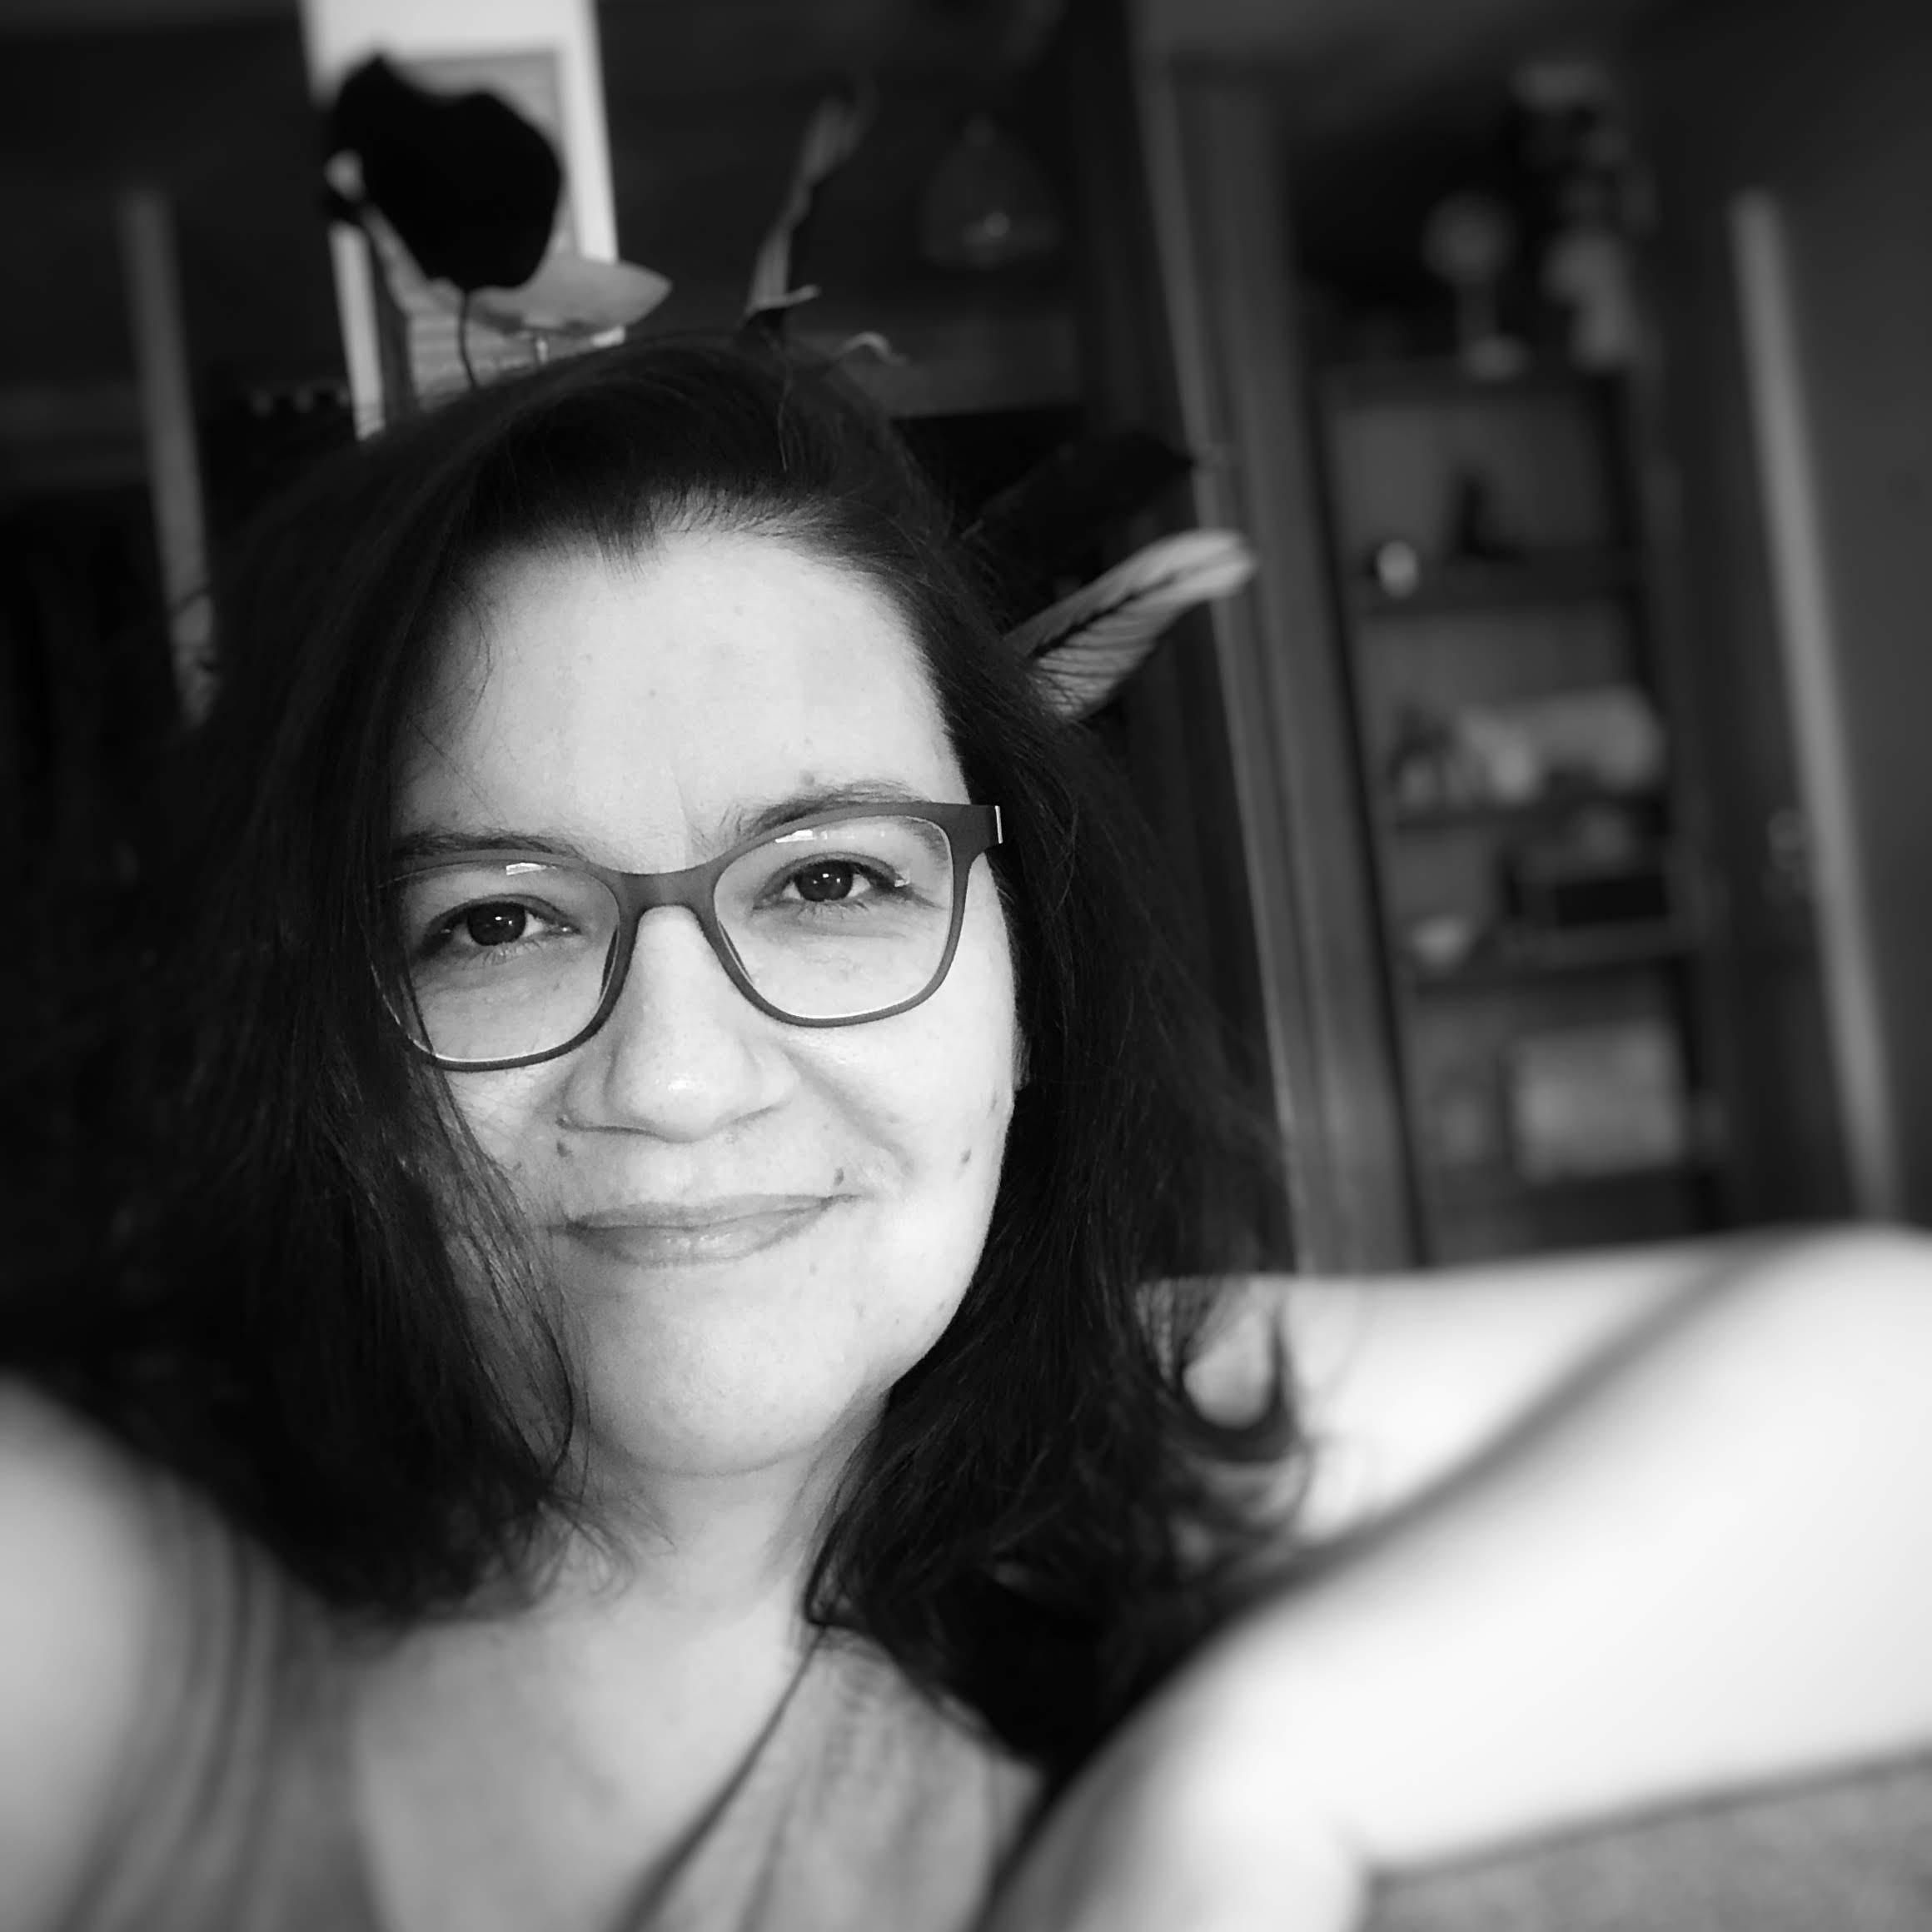 L'invitée créative pour la Box de Juin 2021 est…Christelle LM!